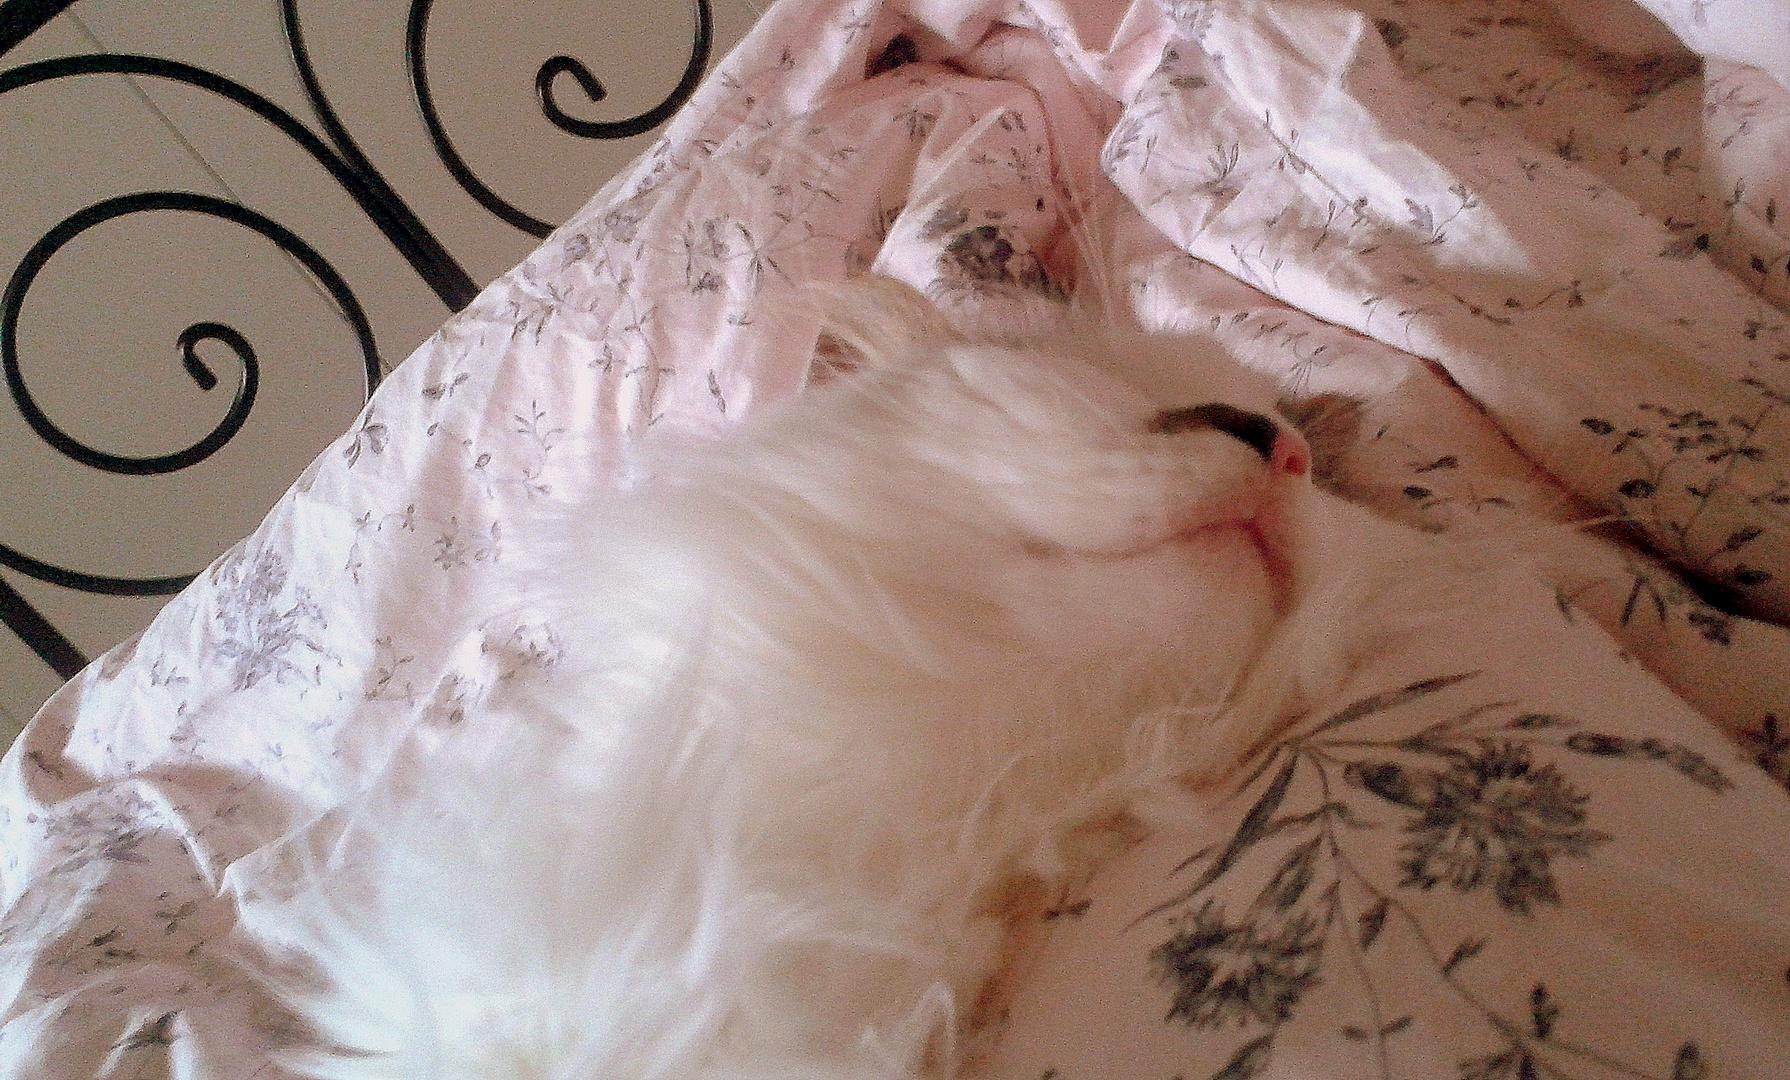 schläft tief und fest